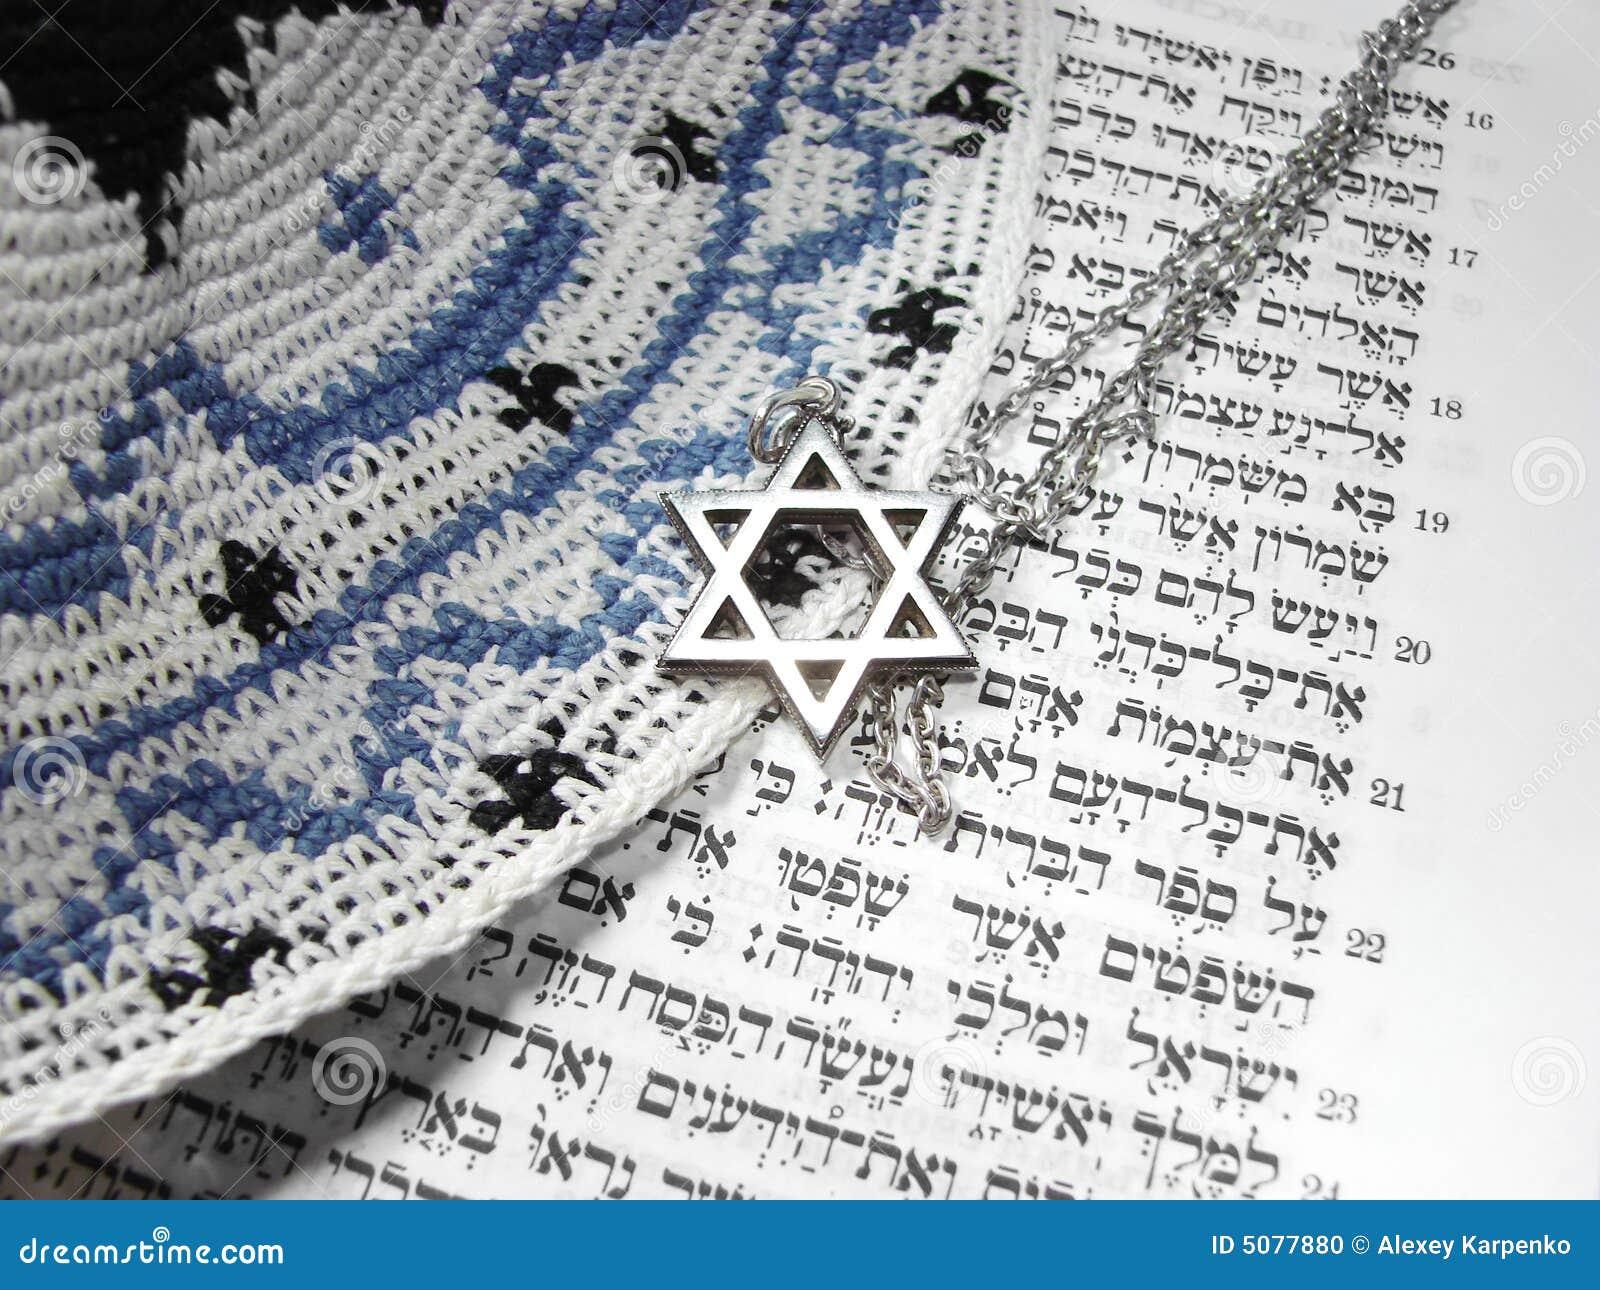 еврейская вероисповедная верхняя часть символов